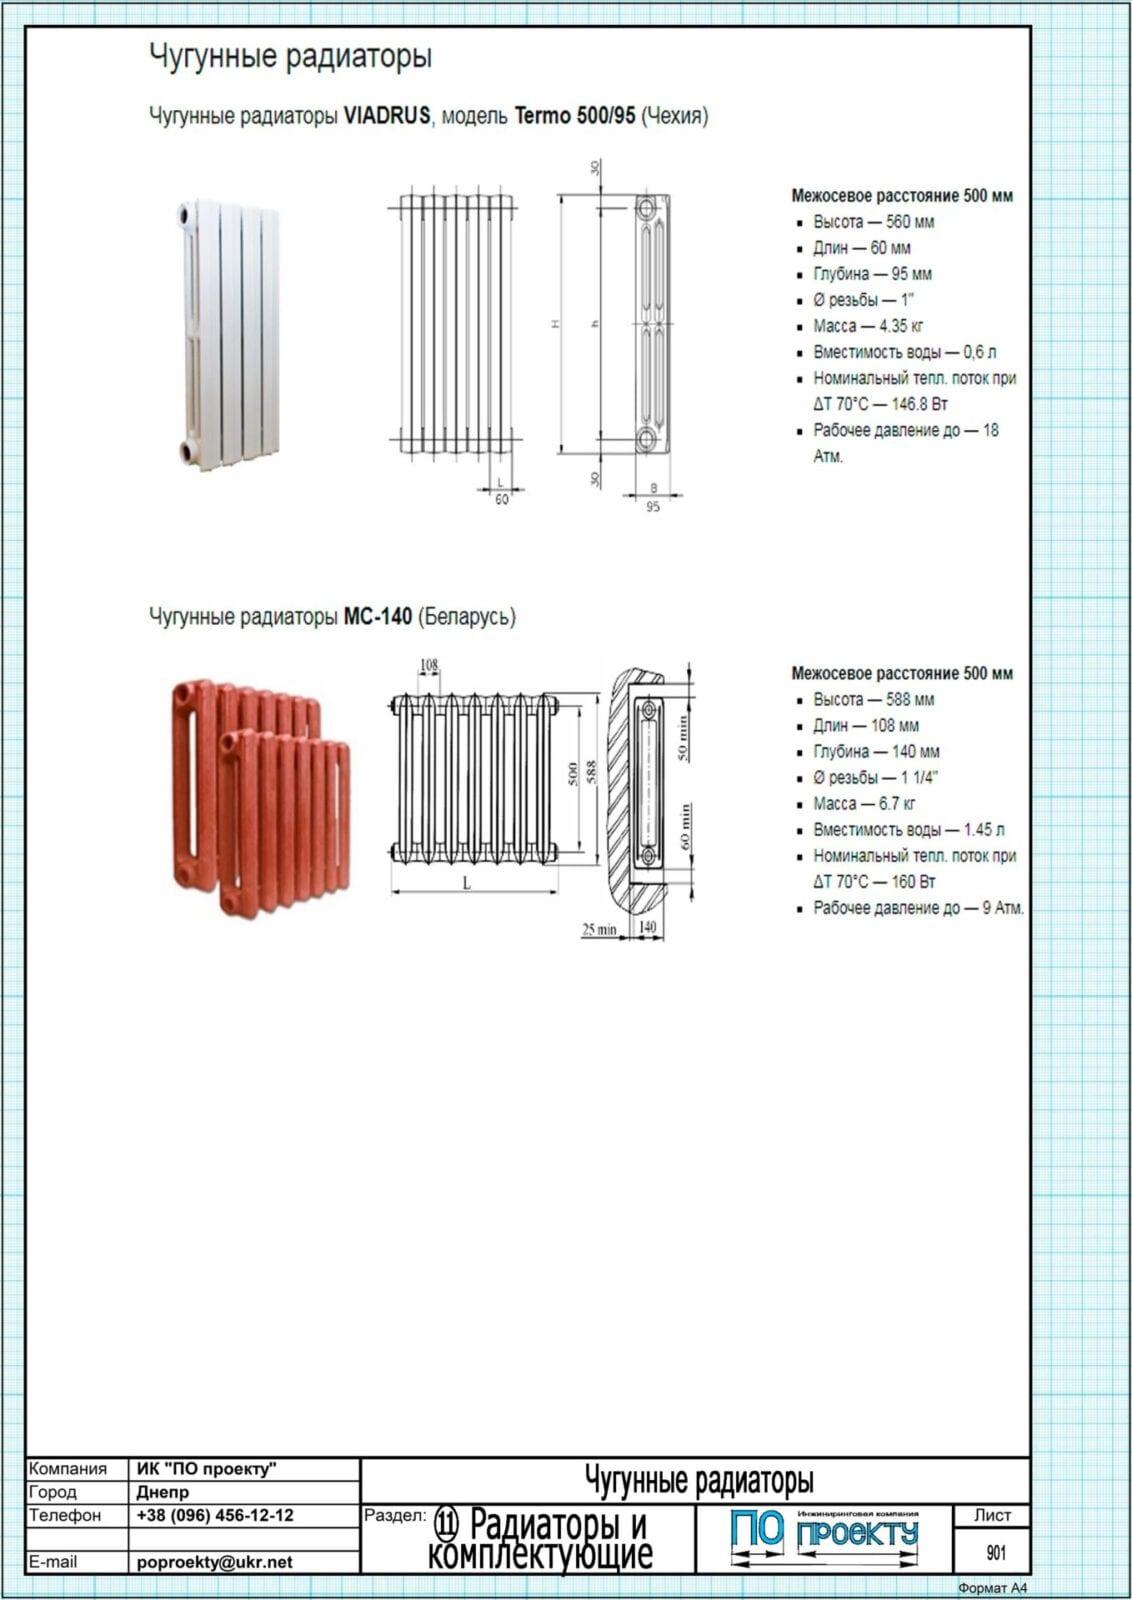 Вес чугунной батареи на 1 секцию: сколько весит одна часть радиатора для отопления старого образца, варианты из 7, 8 и 10 звеньев